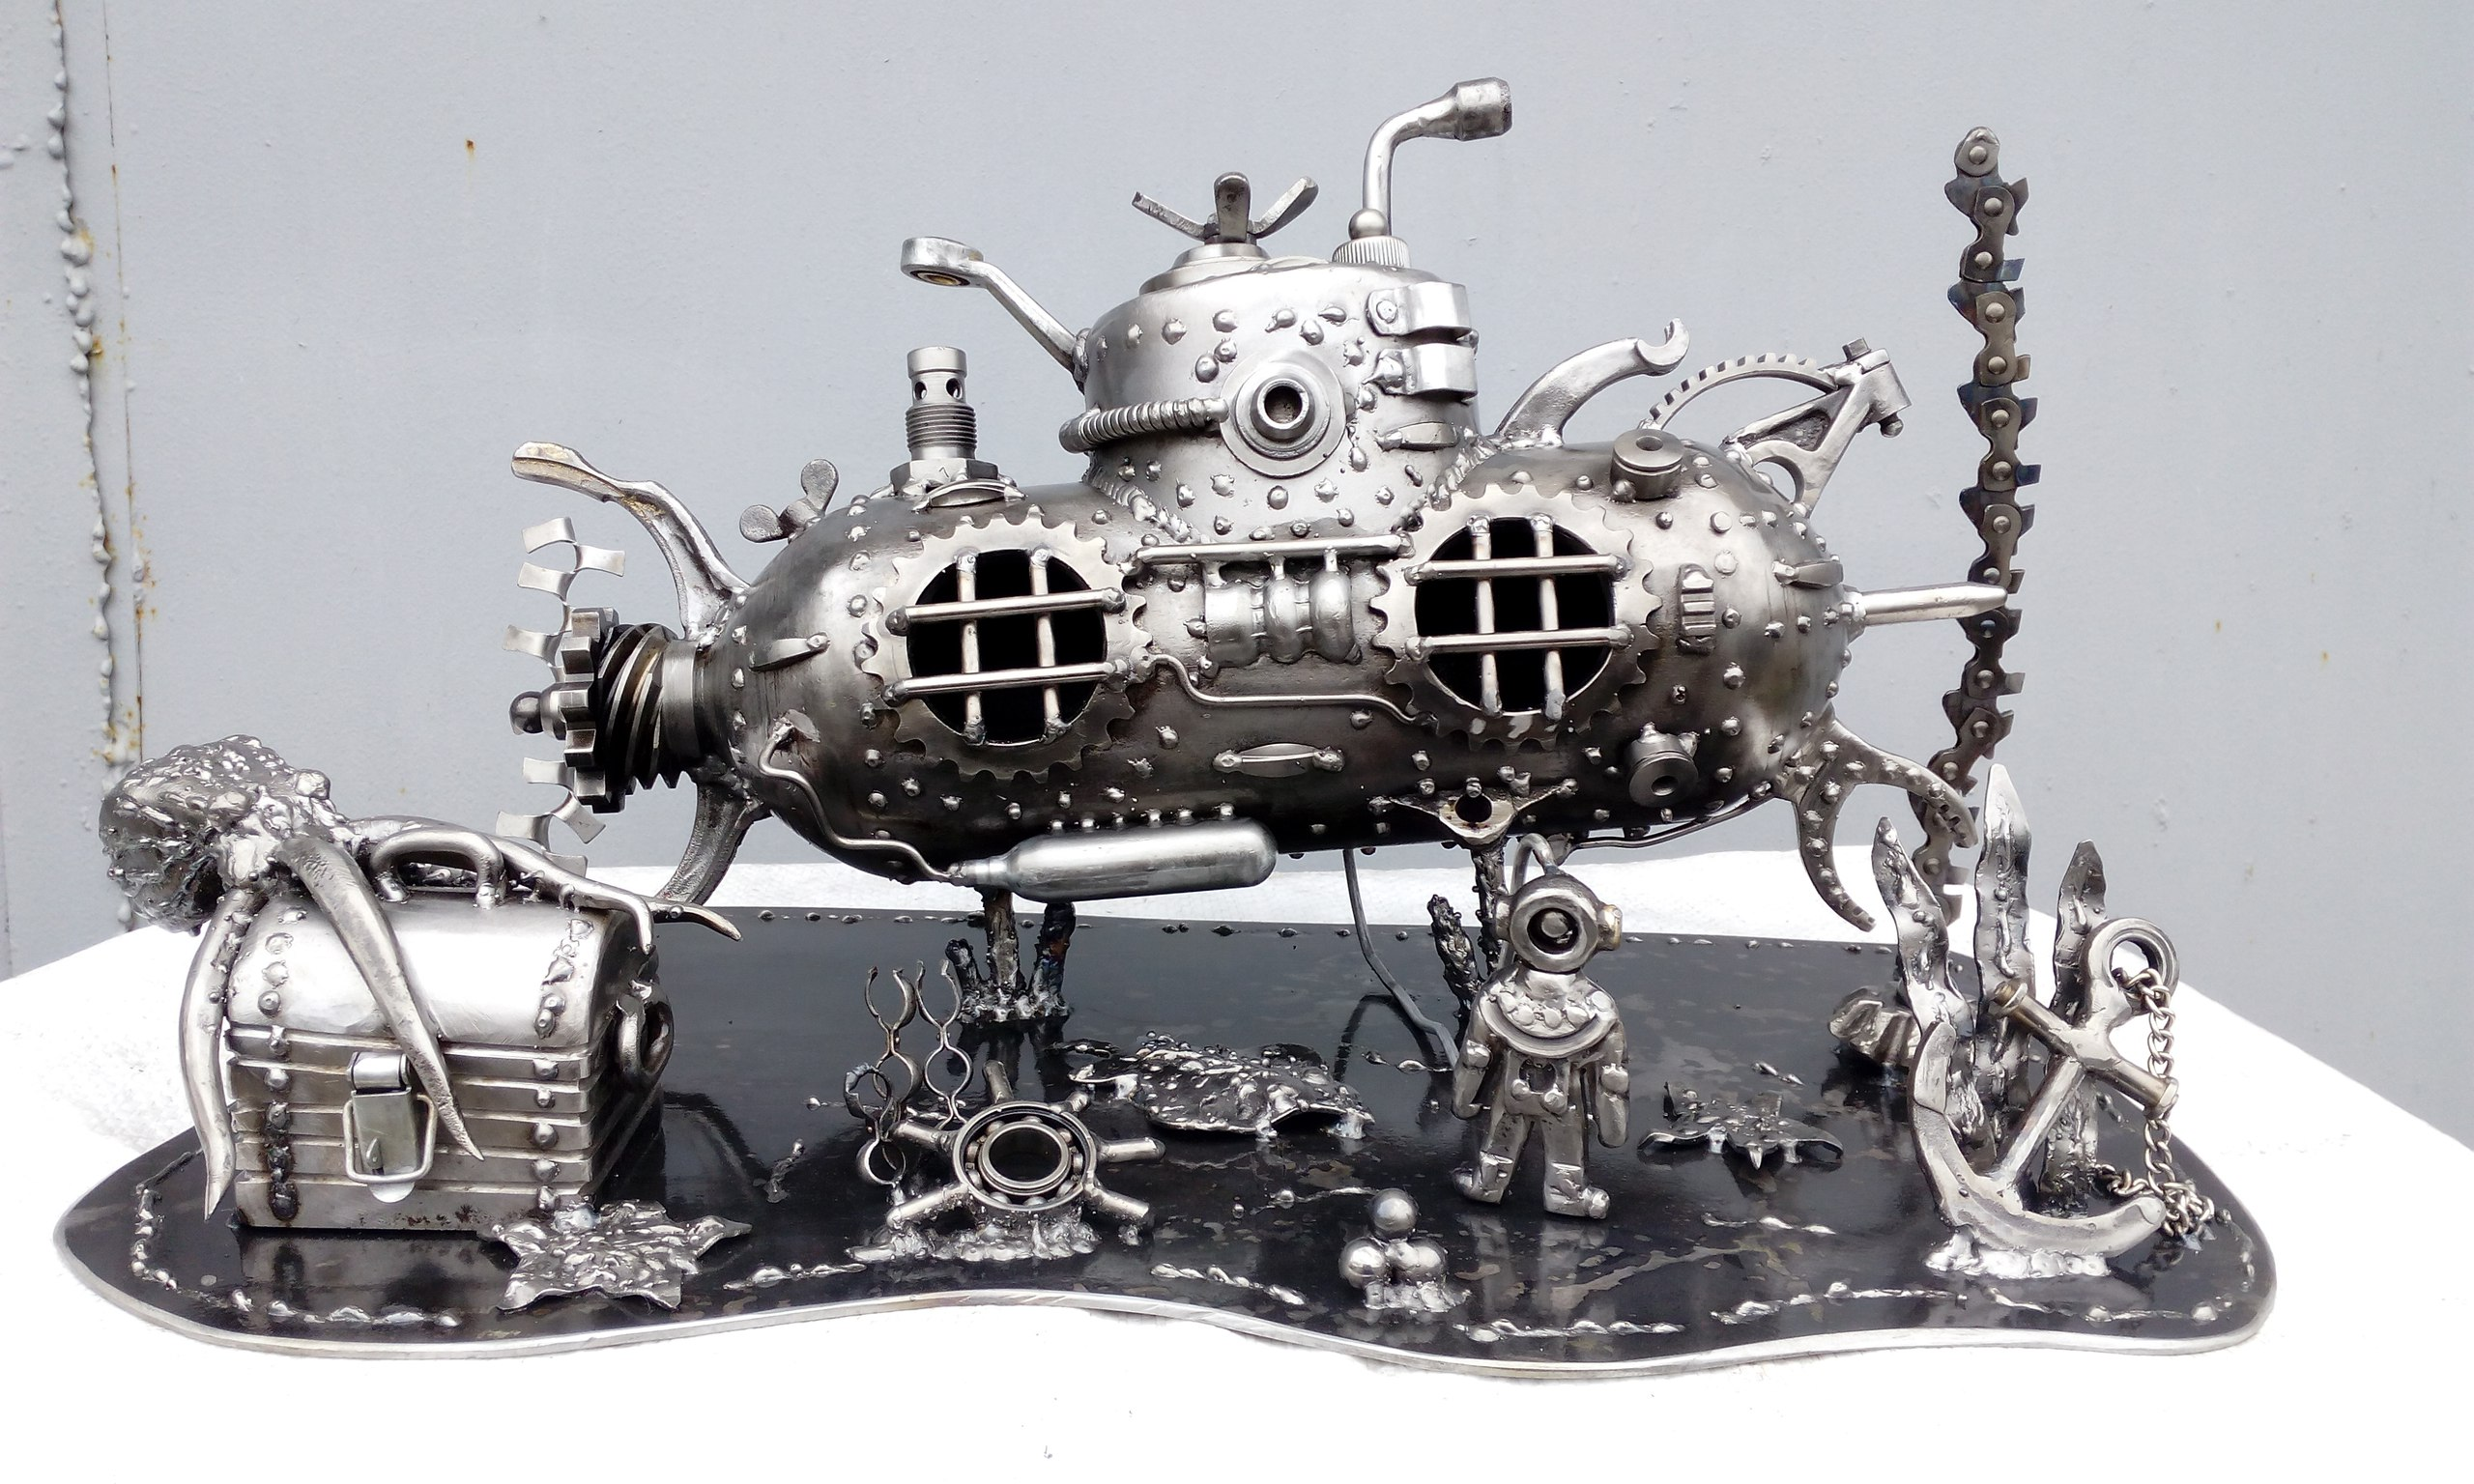 Recycle Art, скульптура, железо, сварщик, субмарина